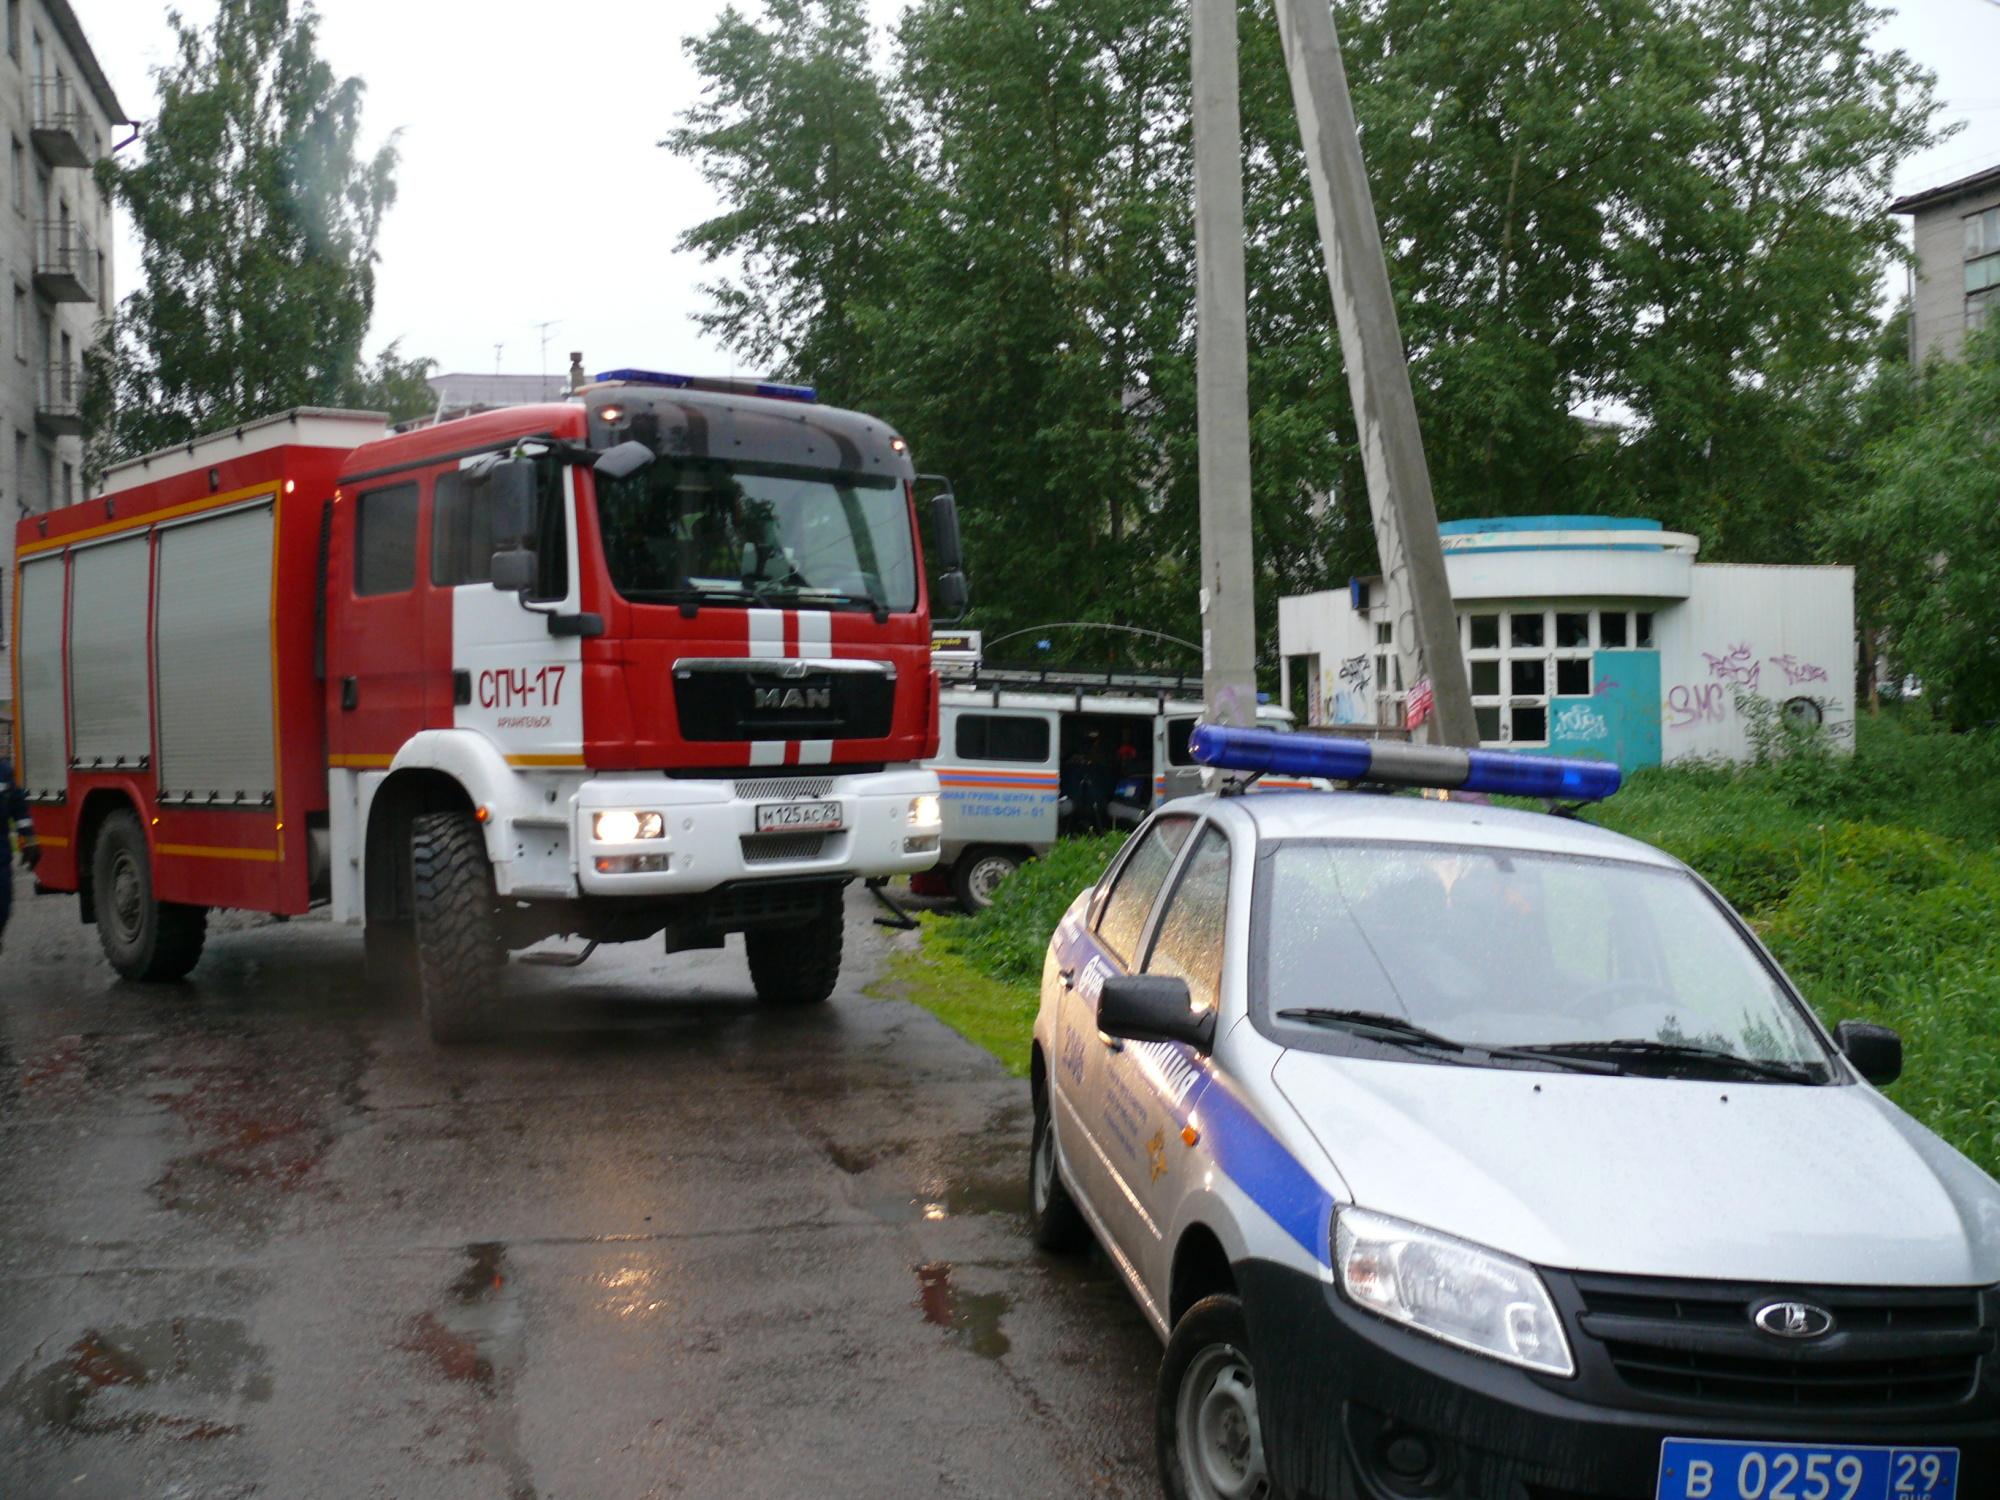 Пожарно-спасательные подразделения ликвидировали пожар в г.Новодвинске Архангельской области.